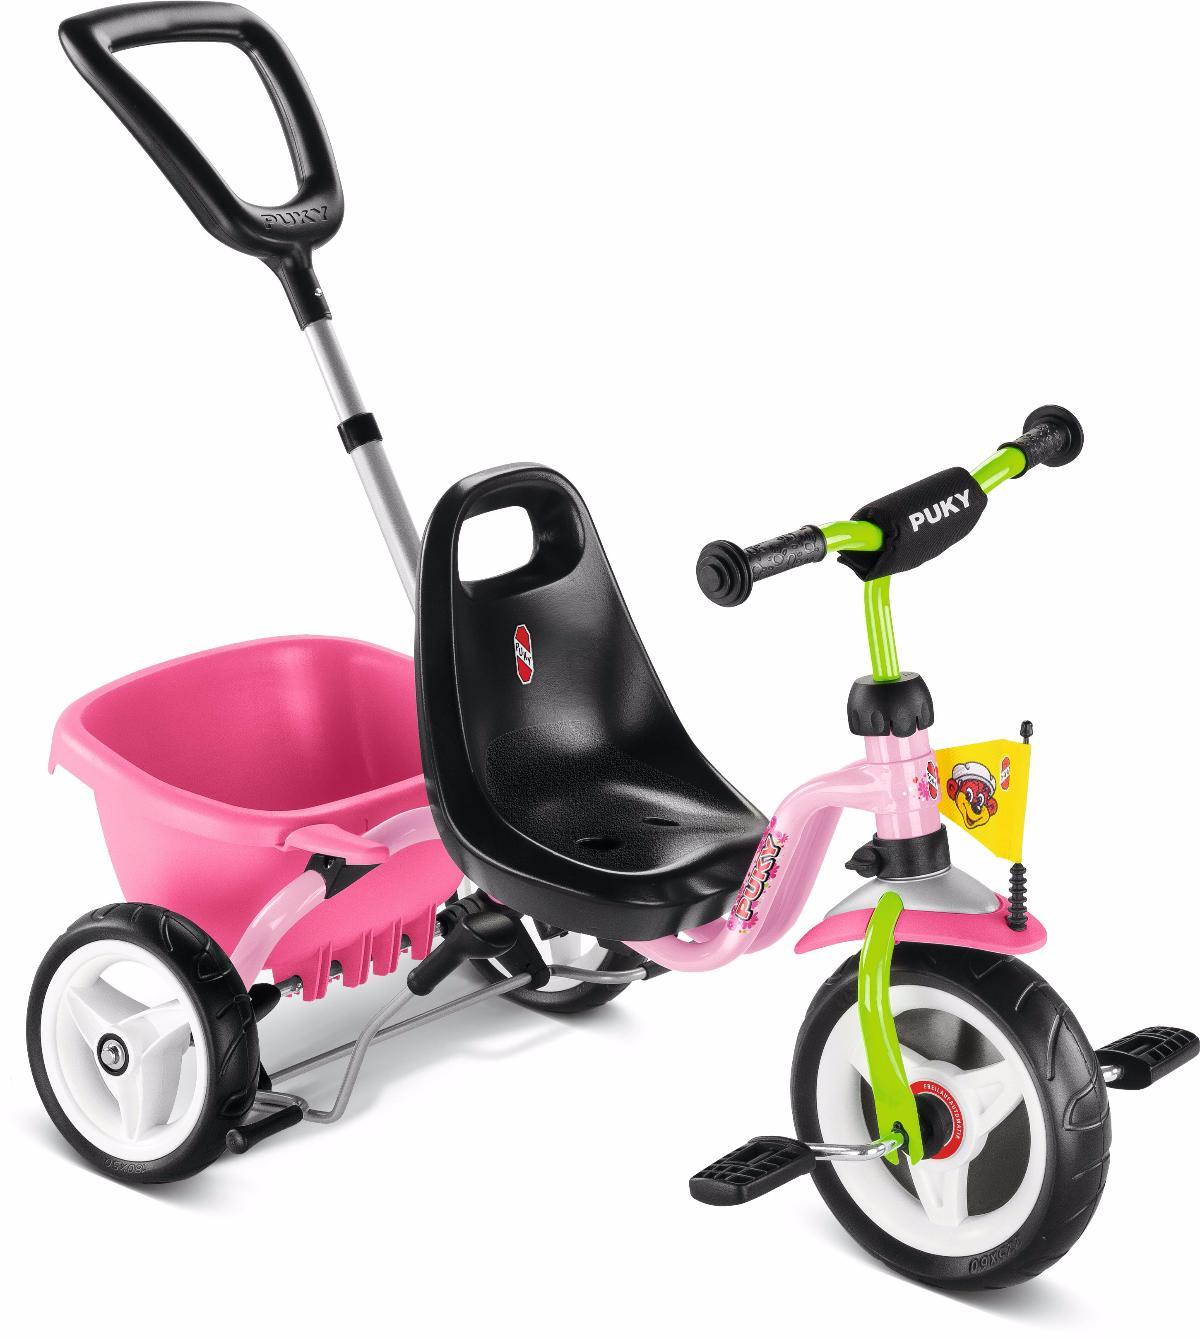 Велосипед Трехколесный Puky 2016 Cat 1 S Pink/kiwi